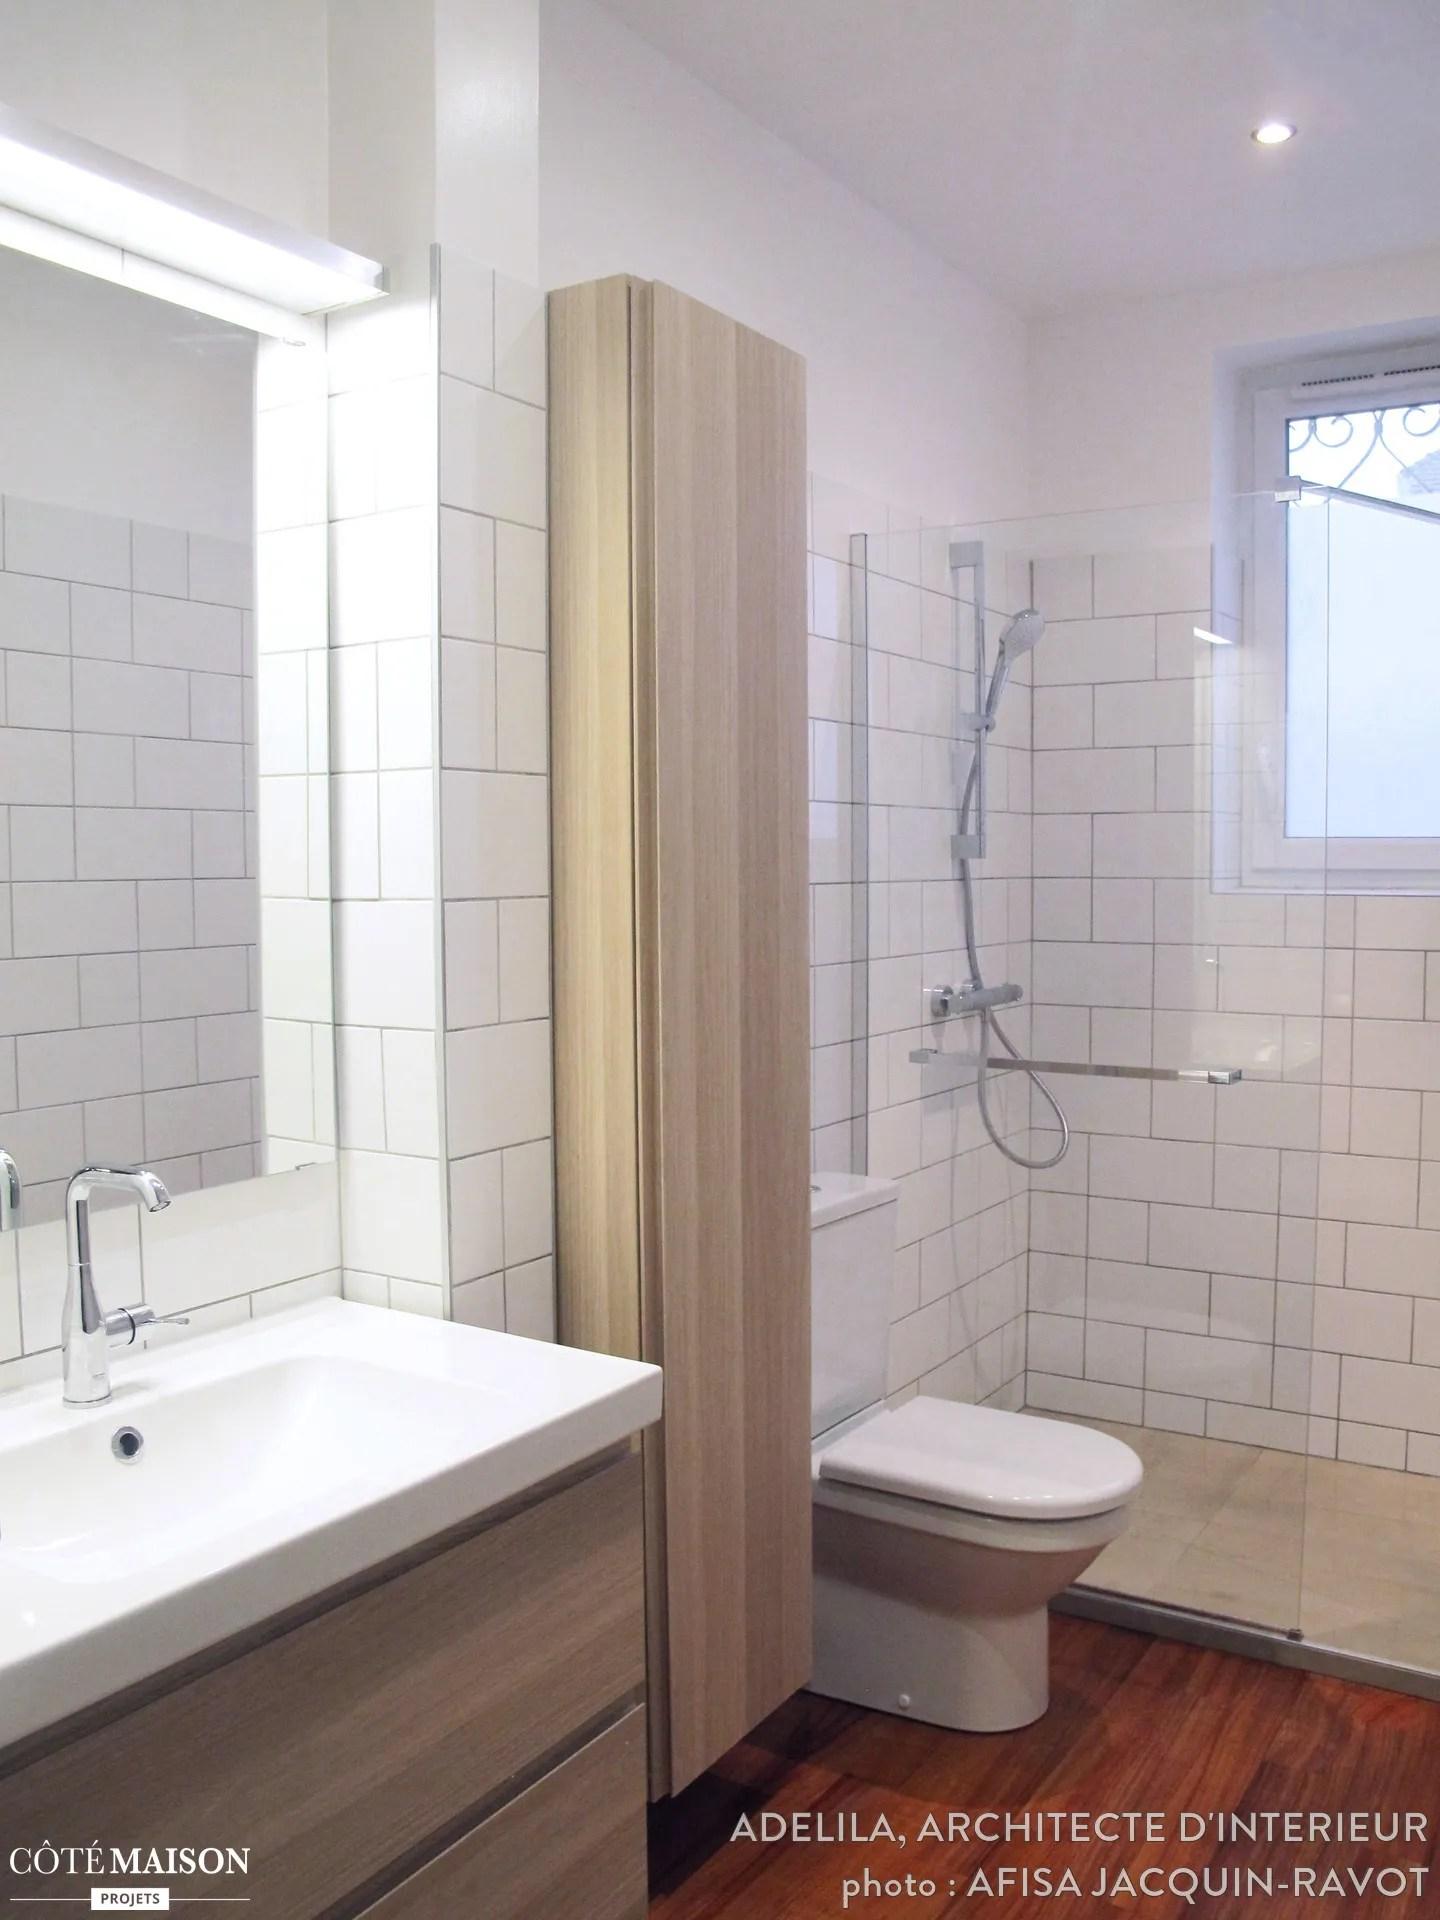 Salle de bains toute en longueur faence blanche et graphique Adelila architecte dintrieur